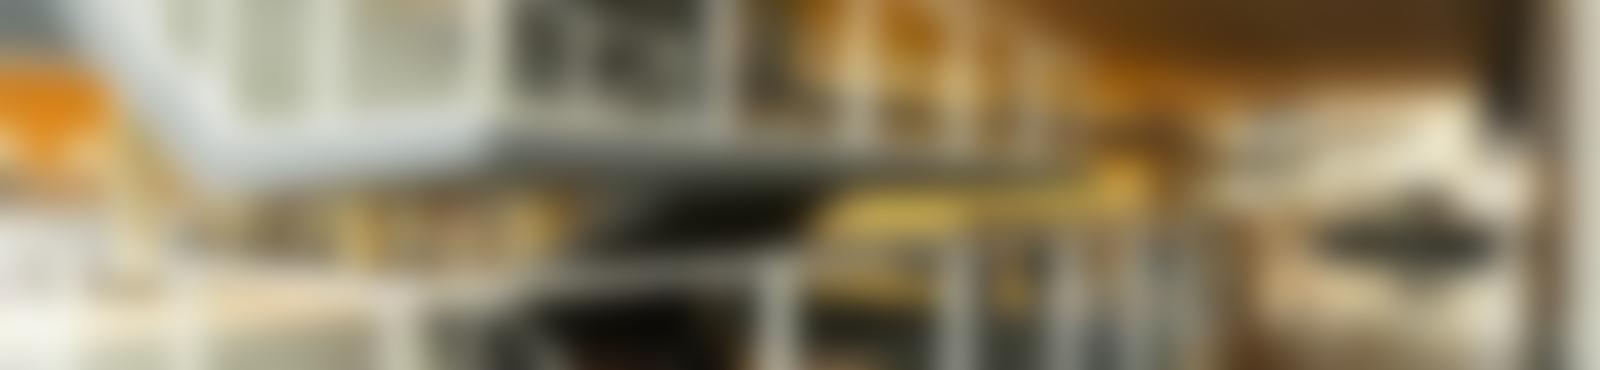 Blurred b6b09f44 d4c0 489e ae6e b50a6a0519fb